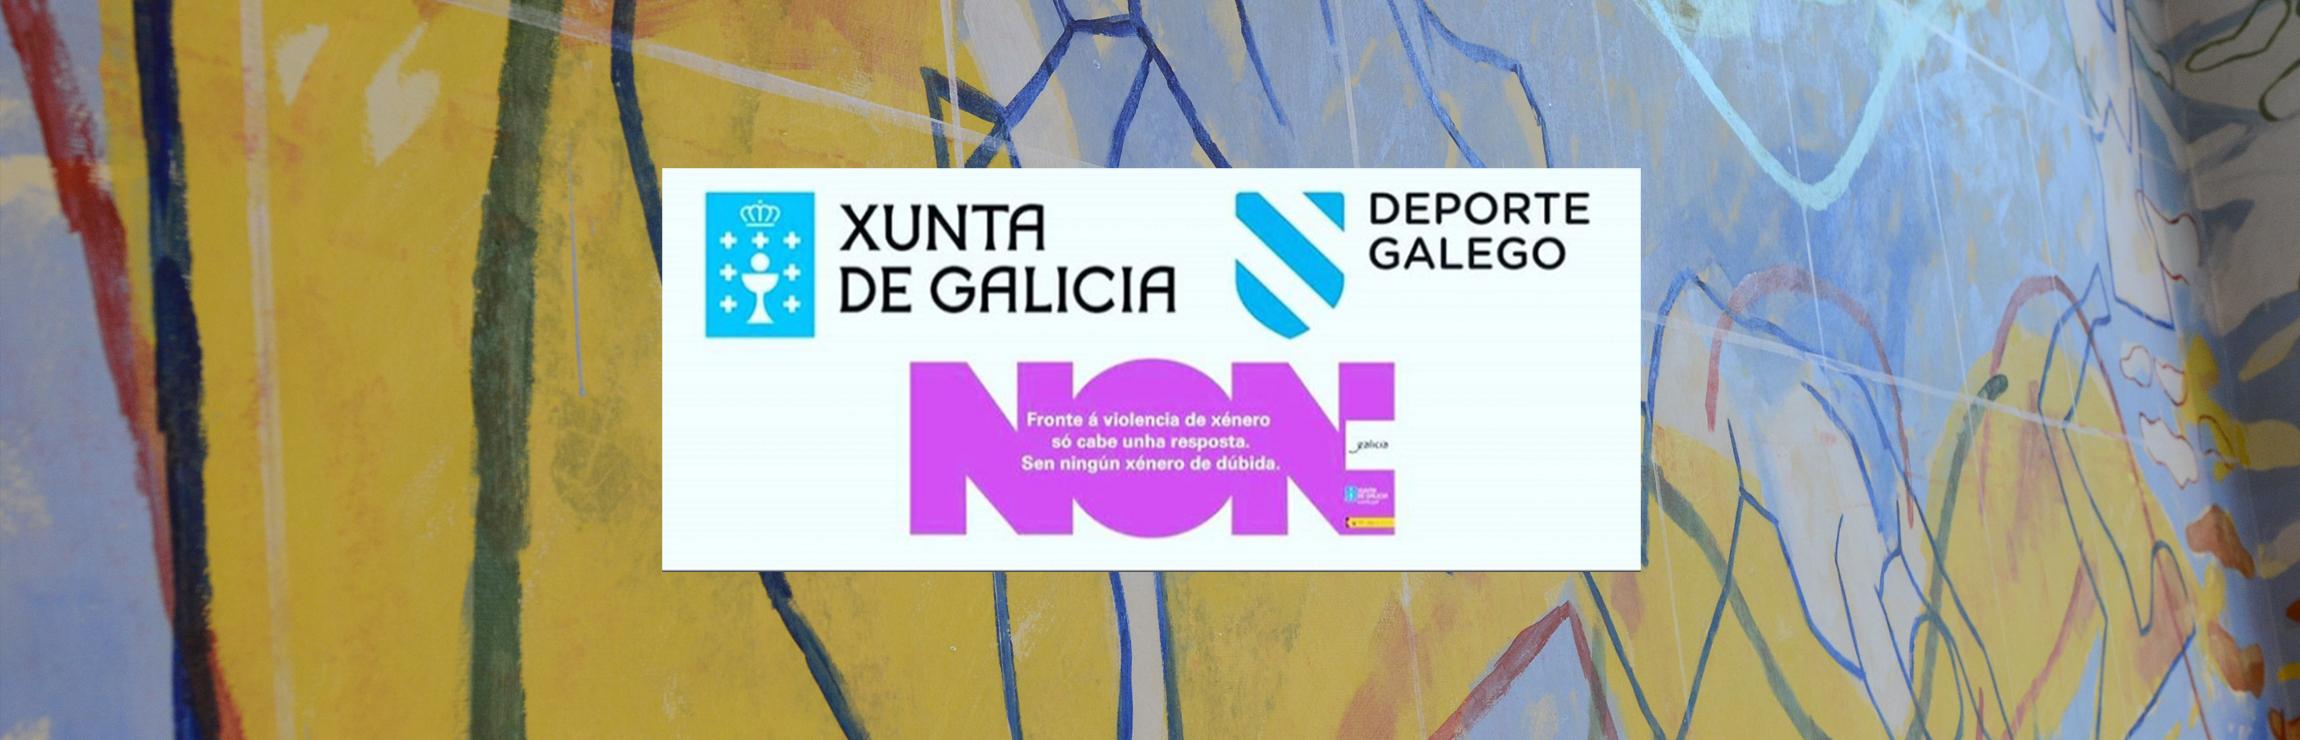 No a las violencias de género/ Non ás violencias de xénero